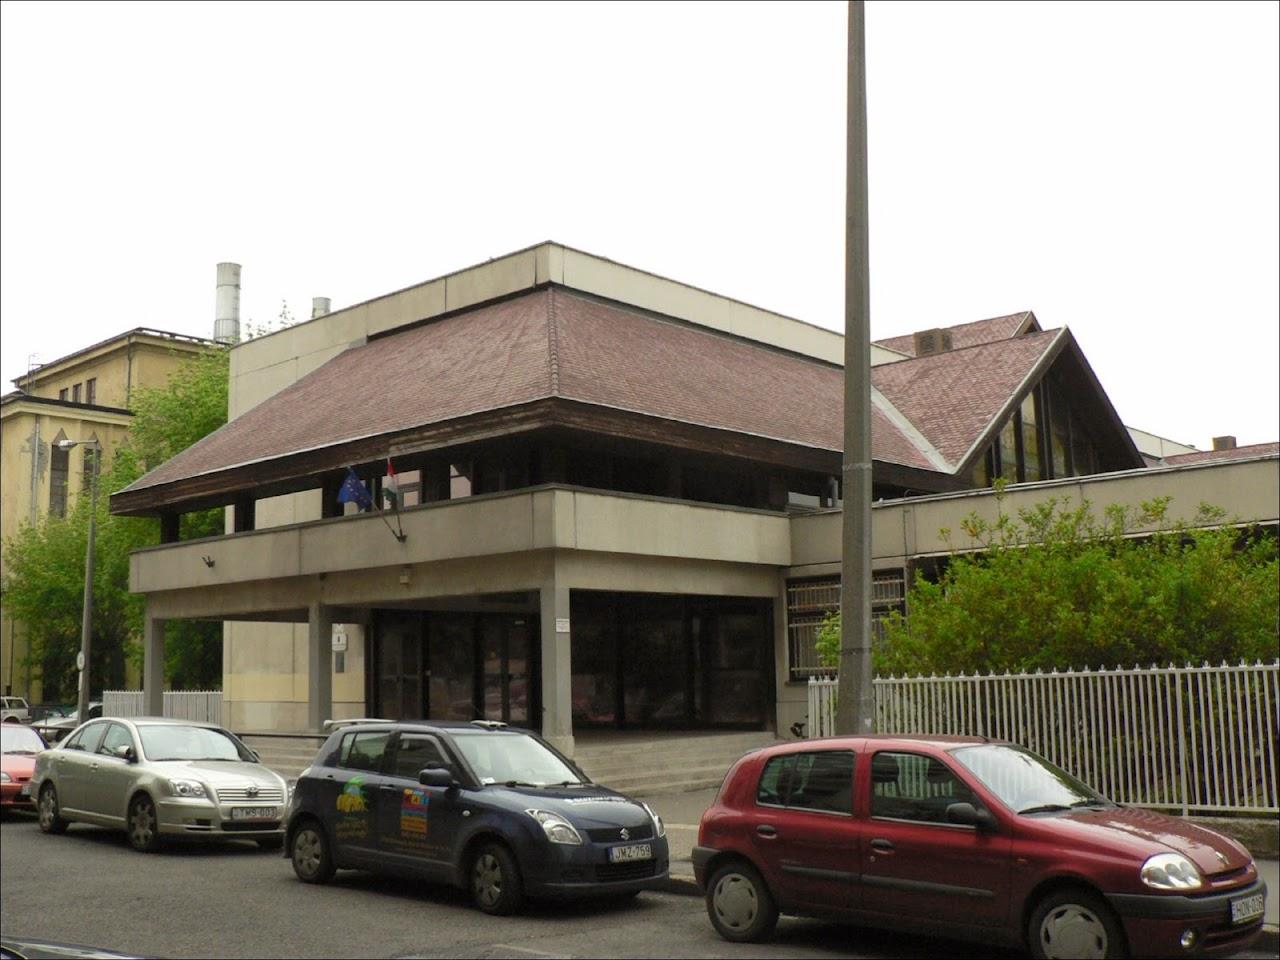 Képek az iskoláról - image034.jpg